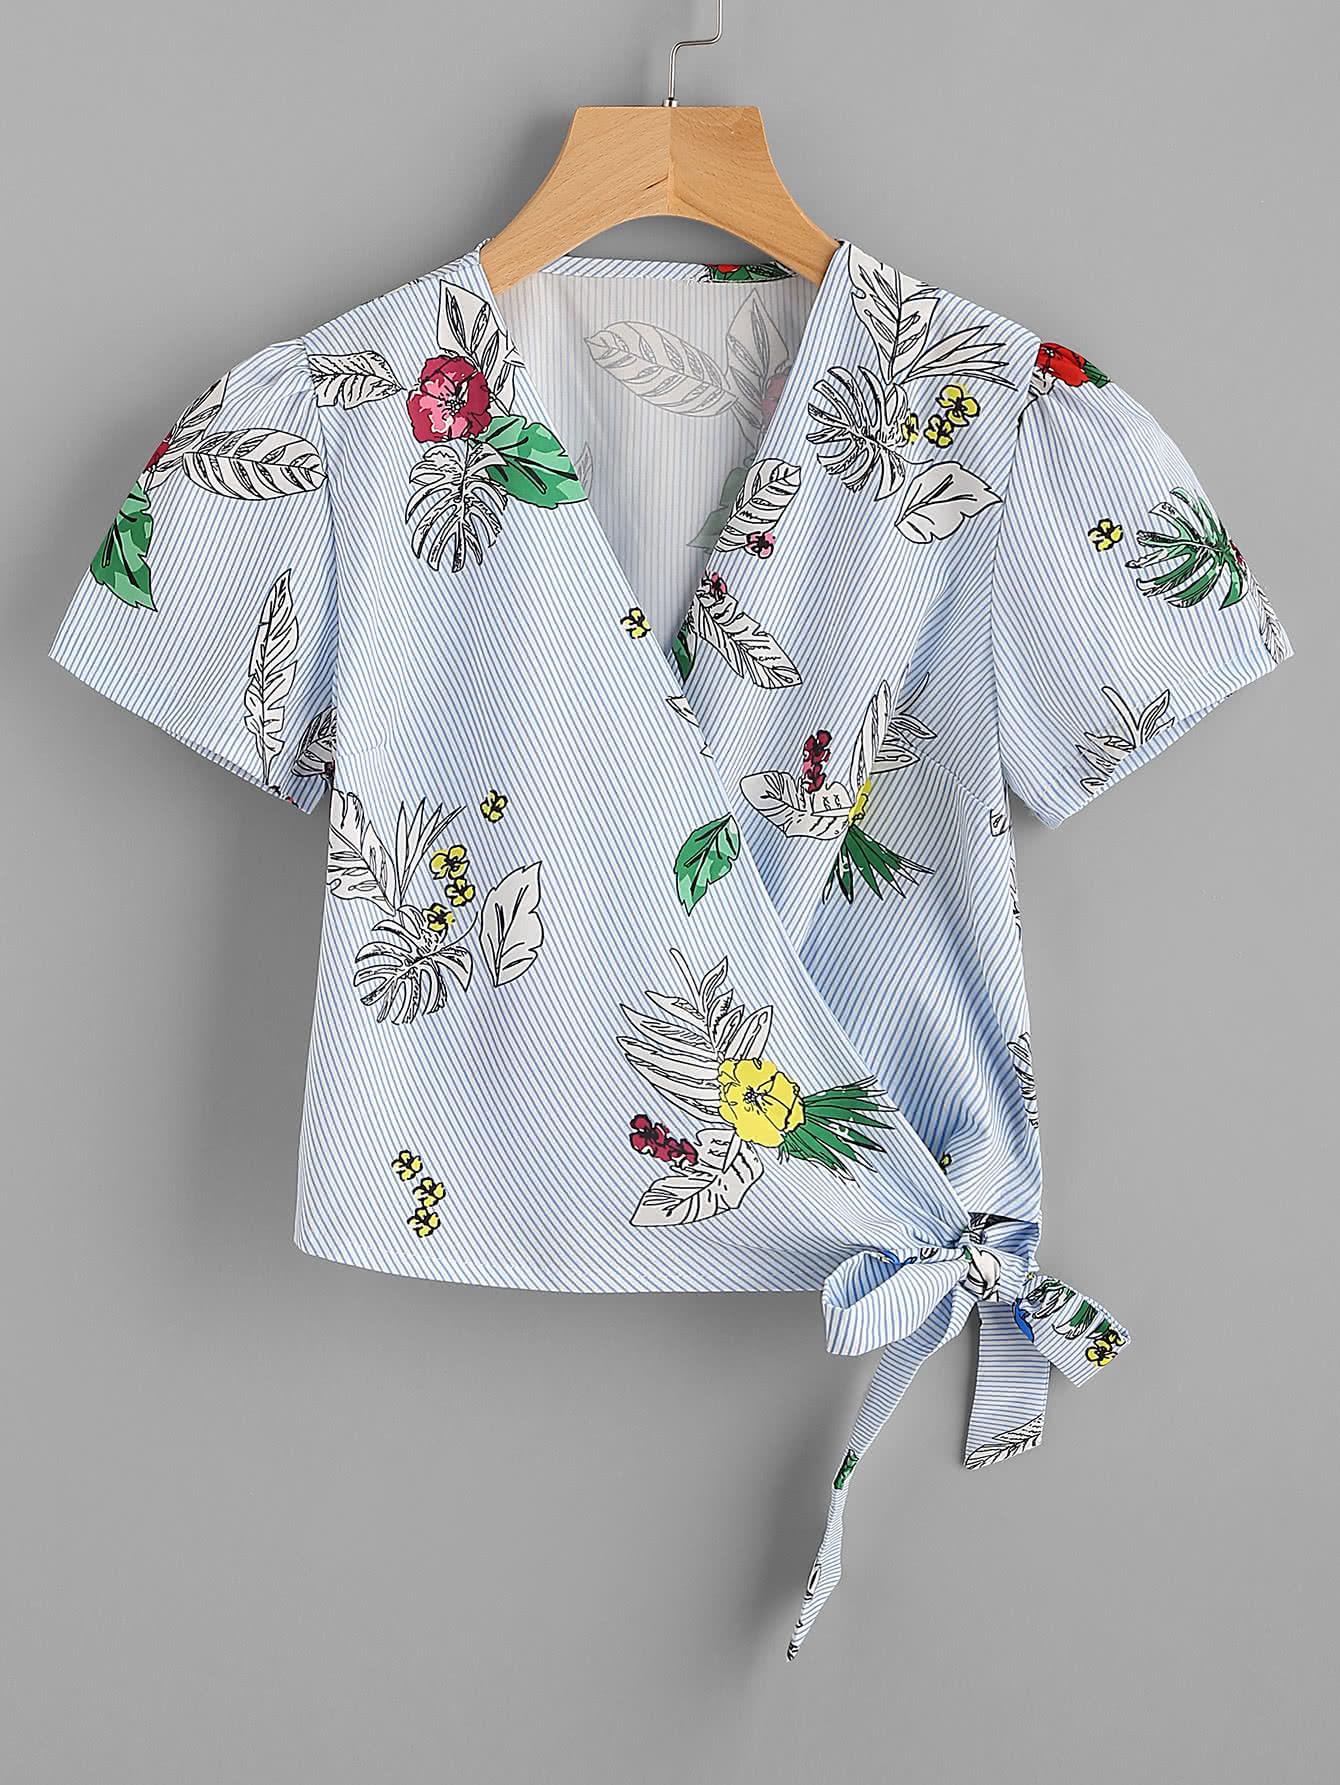 Tropical Print Pinstripe Tie Detail Top crisscross surplice neckline tie detail tropical print blouse